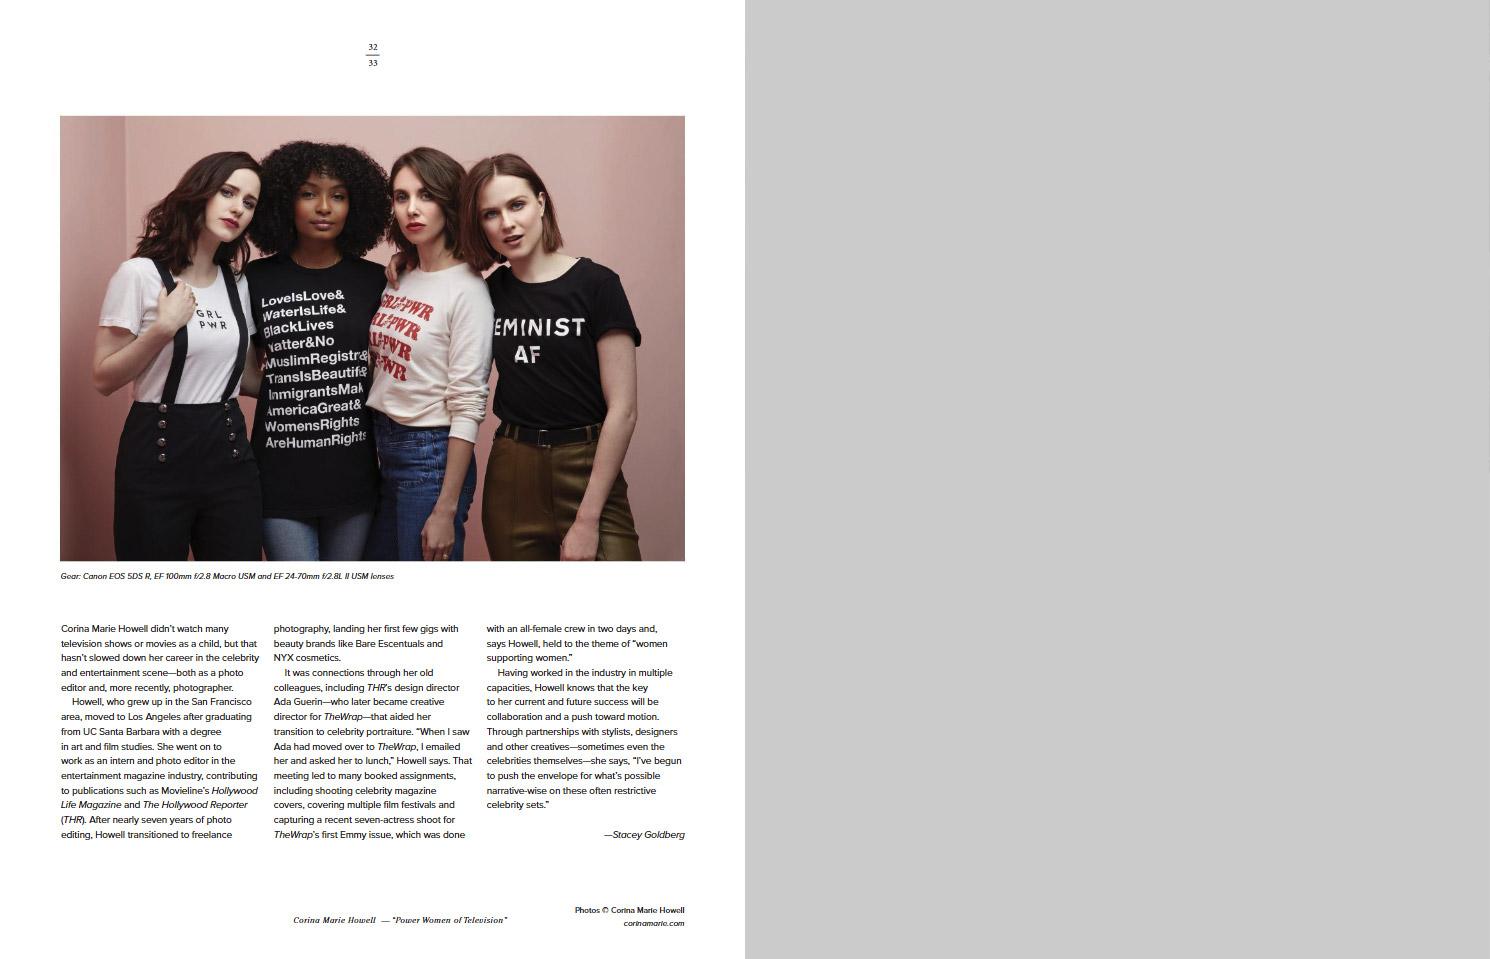 Власть женщины на телевидении © Корина Мари Хауэлл, Фотоконкурс «Начинающий фотограф» — Emerging Photographer